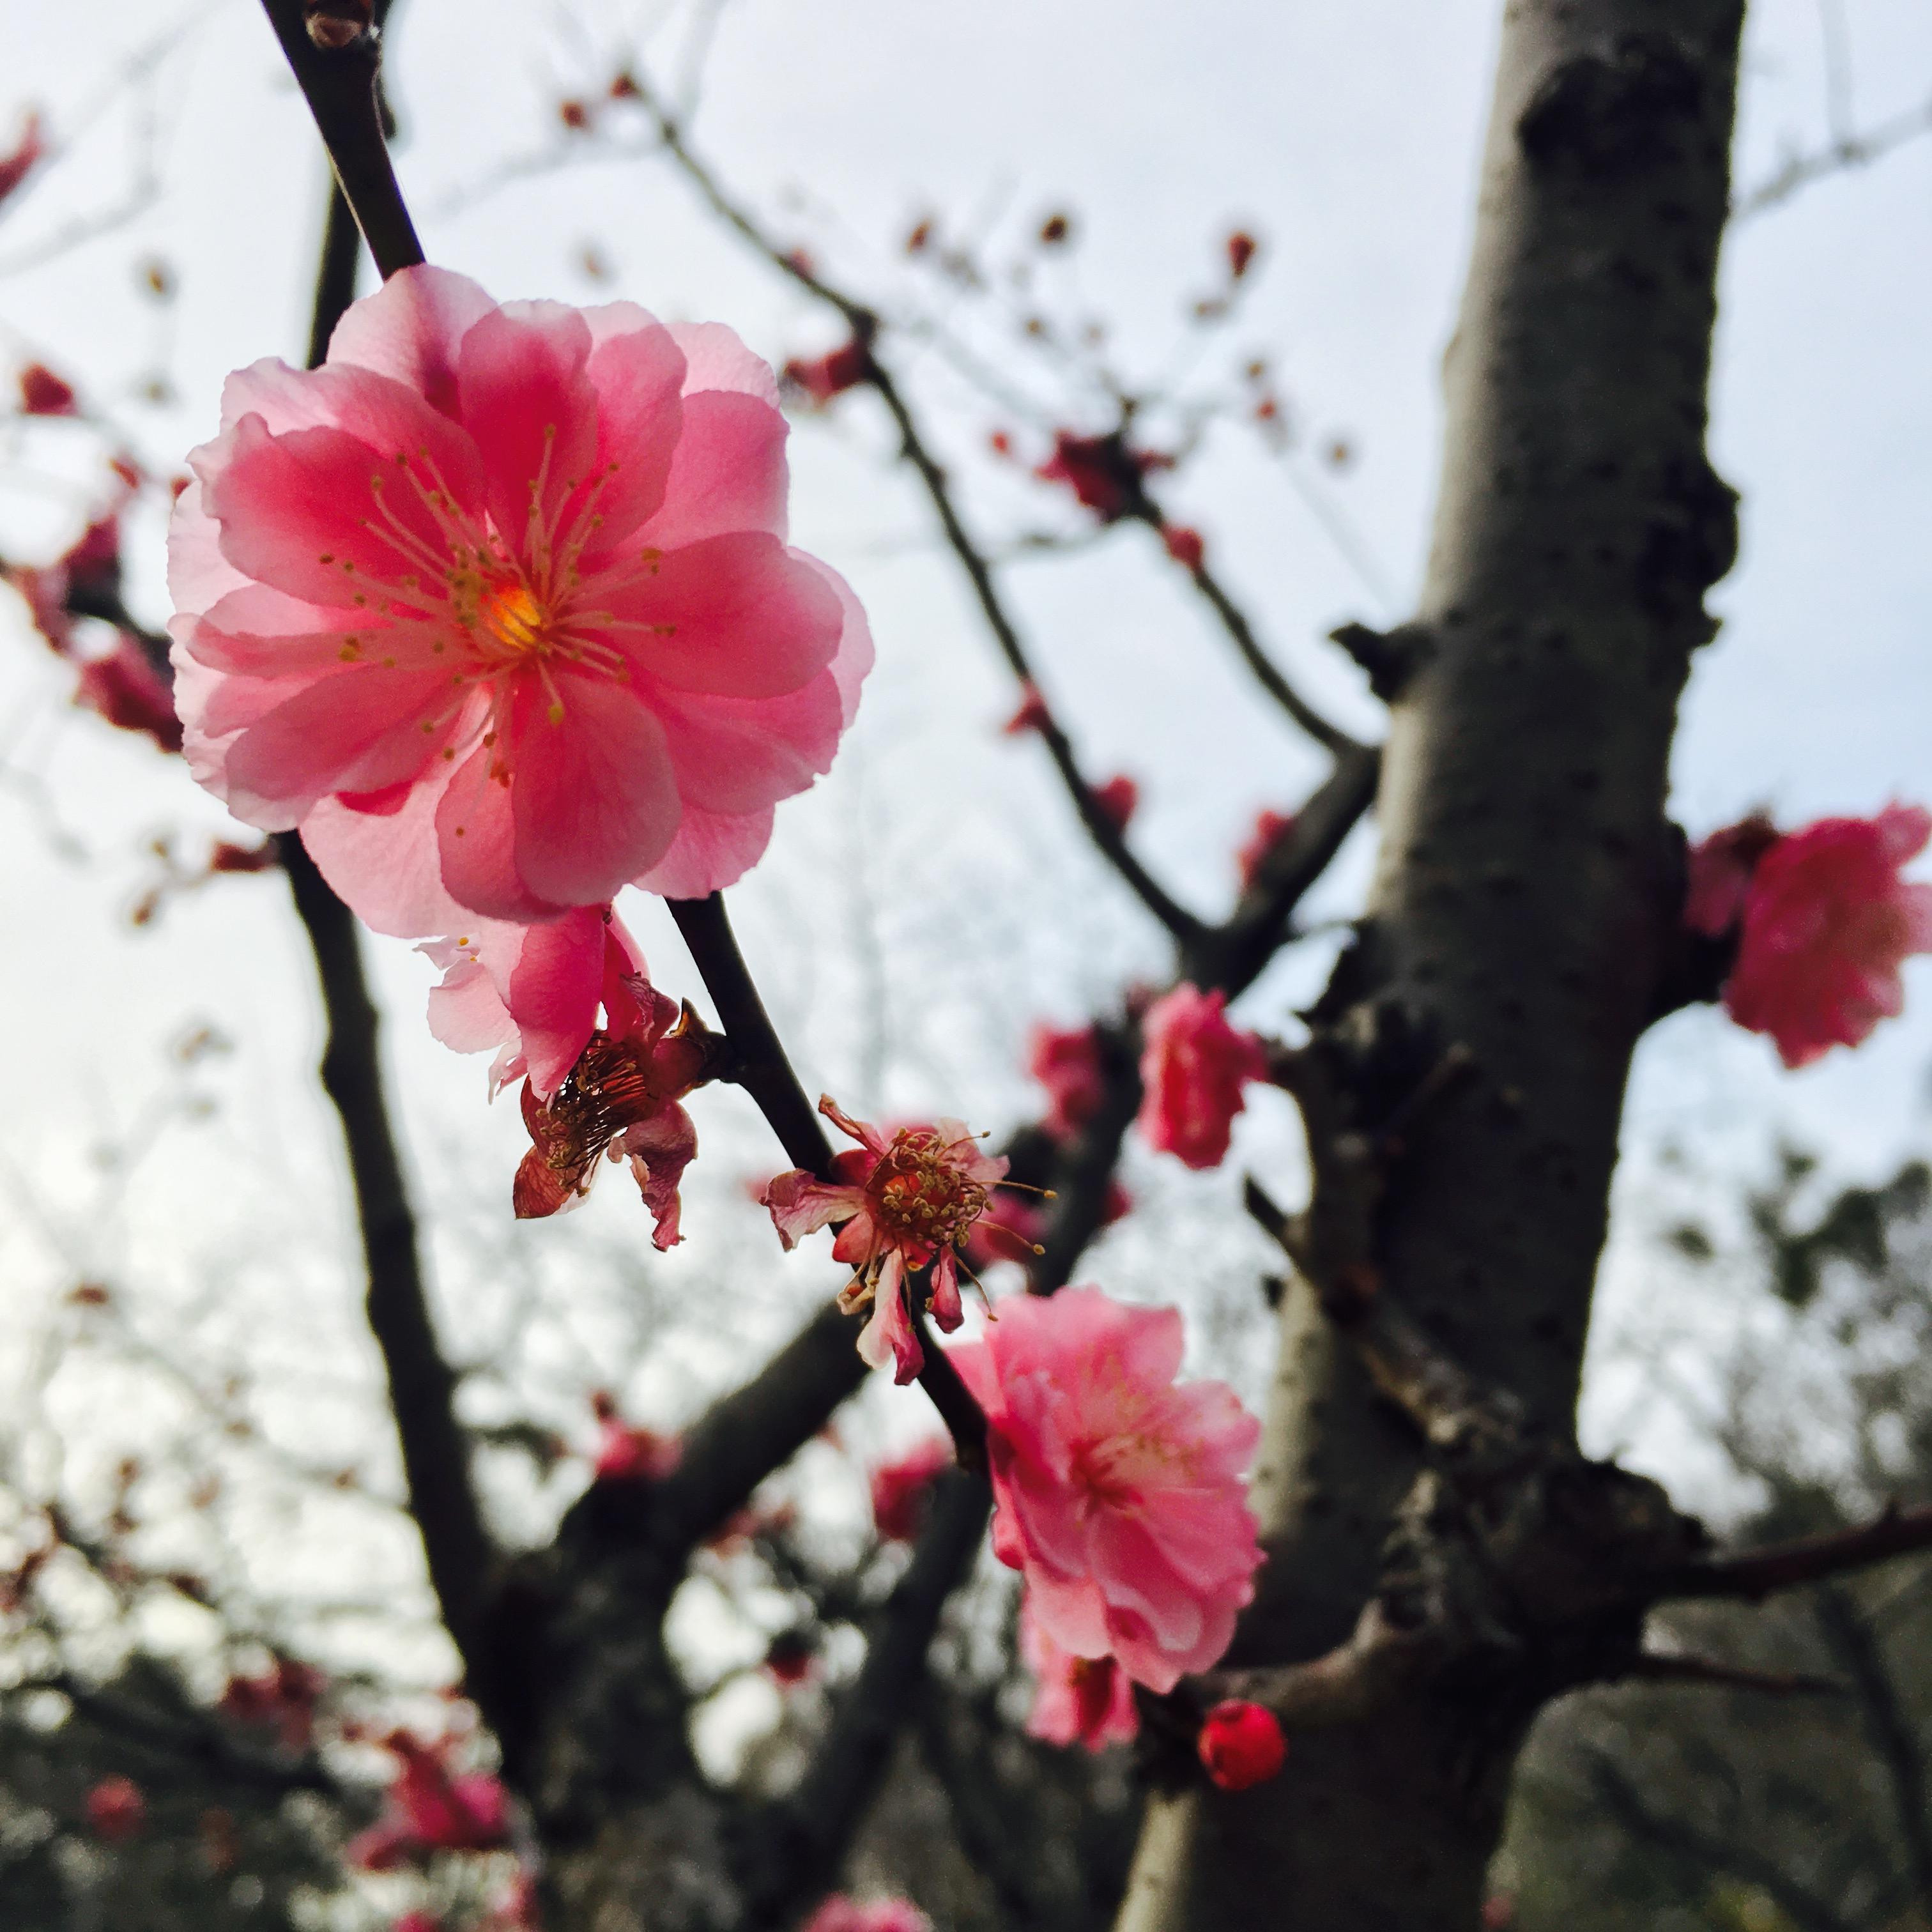 【春】今年初サクラを見ました~♪